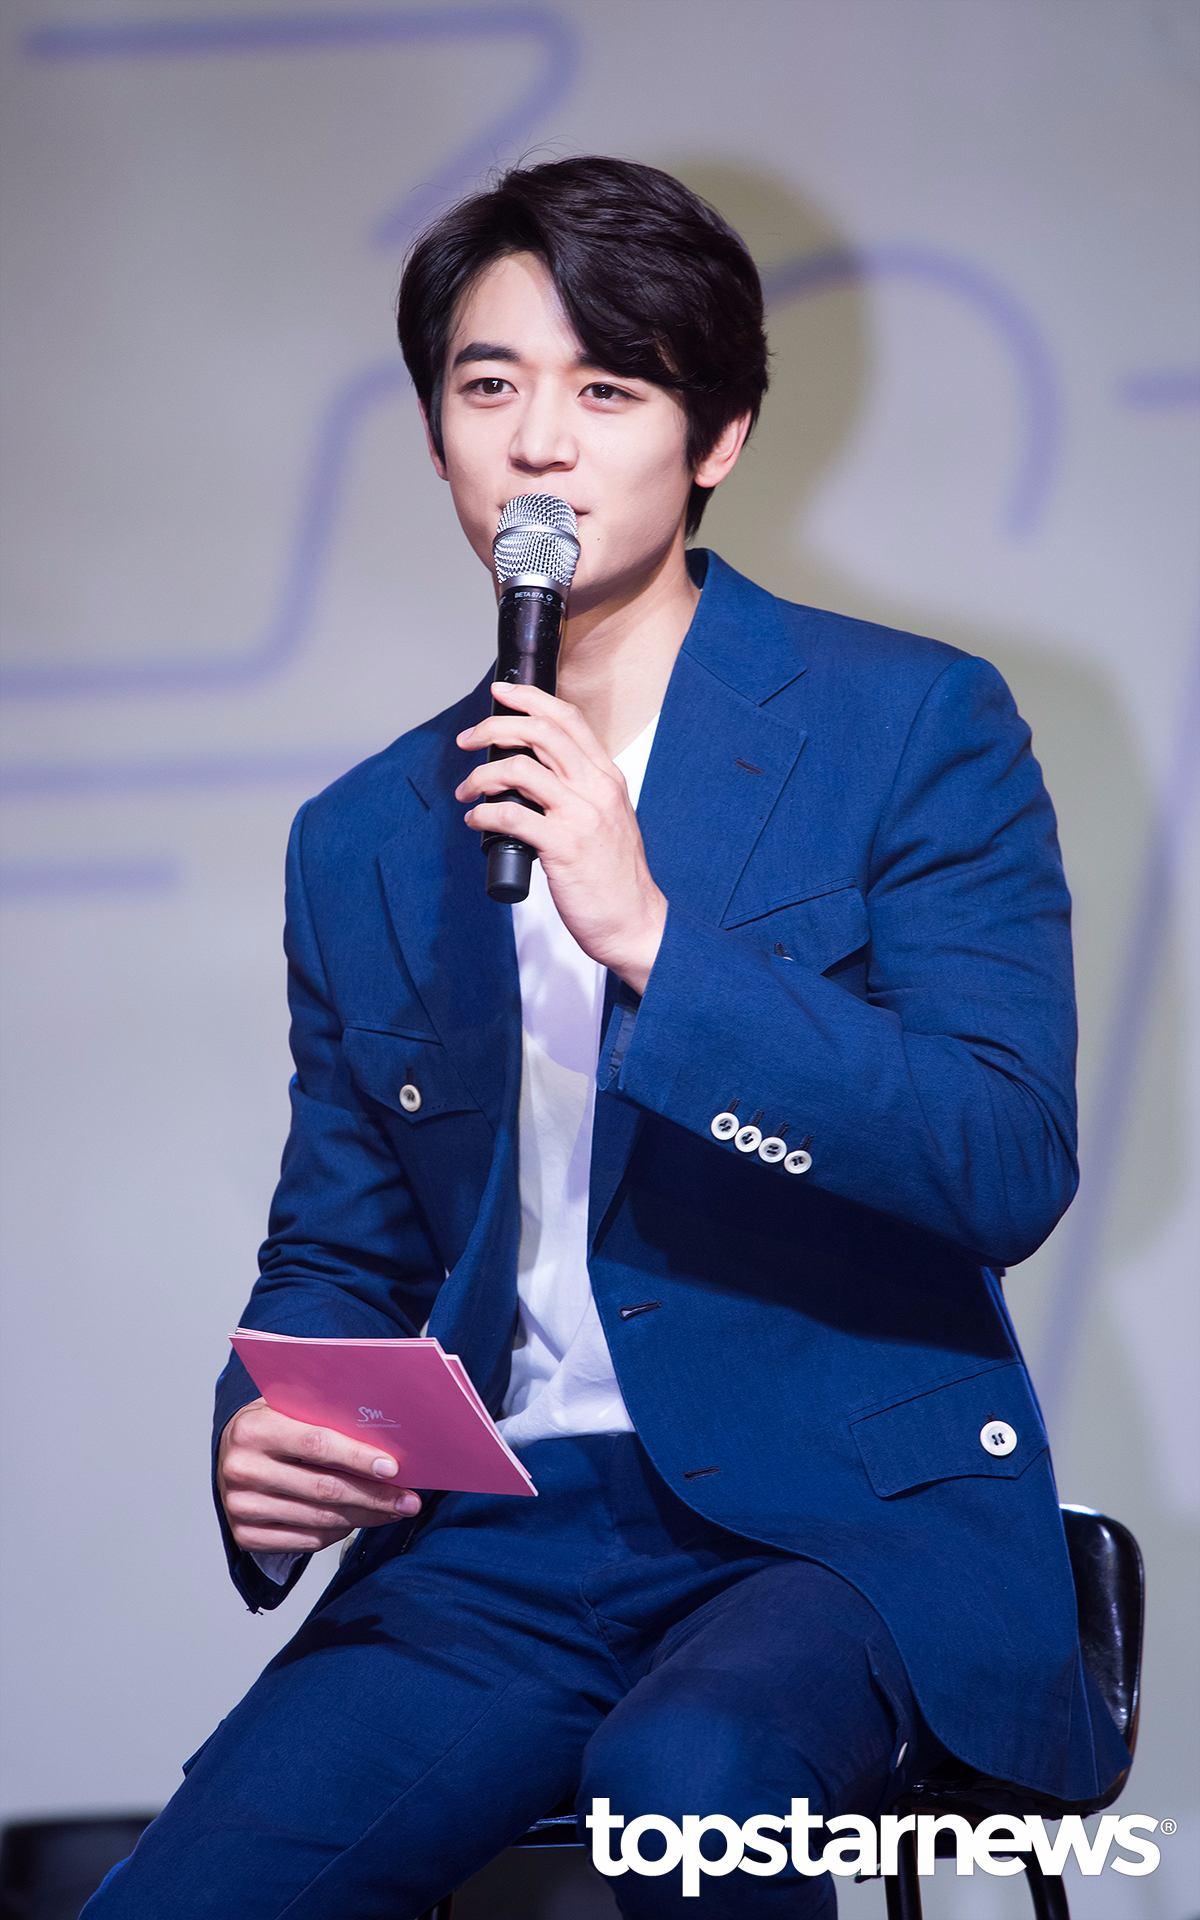 珉豪則是擔任showcast的主持人給予成員支持!